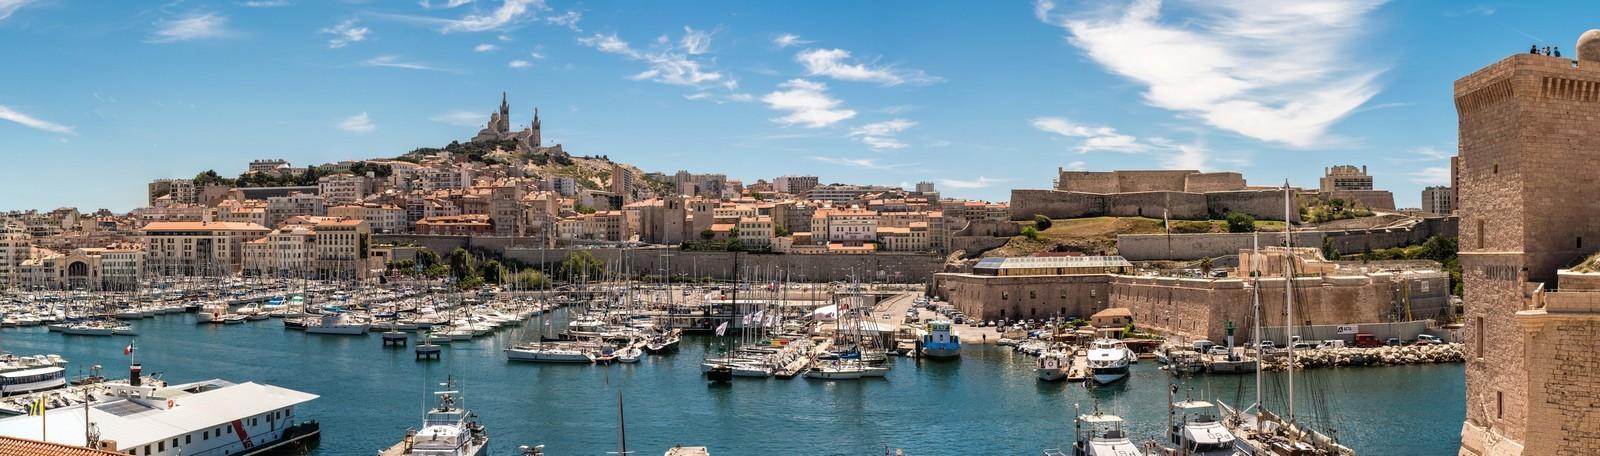 Réservation parking Joliette Port Marseille